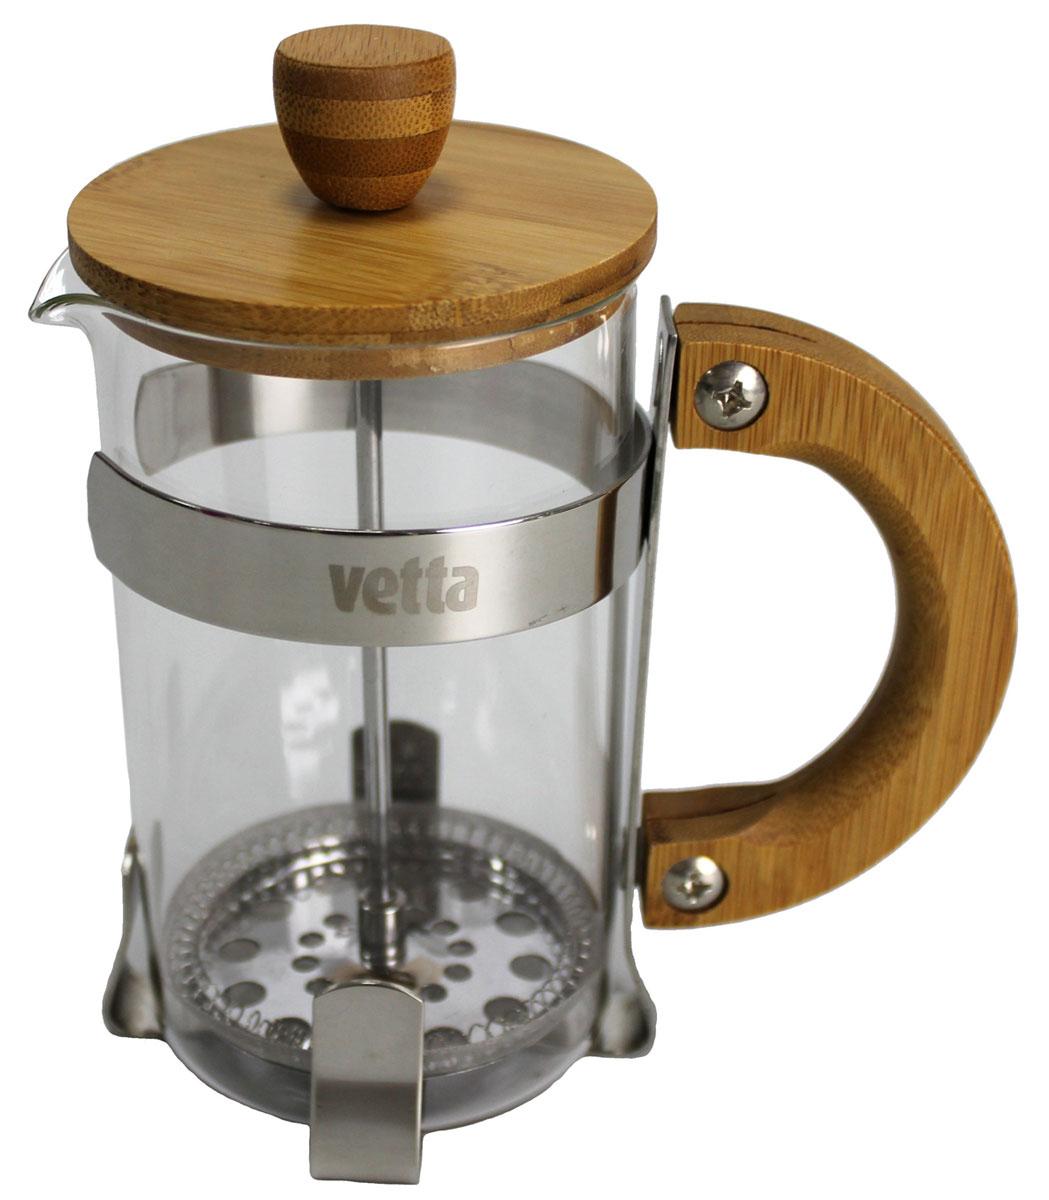 Френч-пресс Vetta, 600 мл. 850120115510Френч-пресс Vetta изготовлен из нержавеющей стали, жаропрочного стекла и бамбука. Фильтр из нержавеющей стали. Френч-пресс позволит быстро и просто приготовить свежий и ароматный кофе или чай.